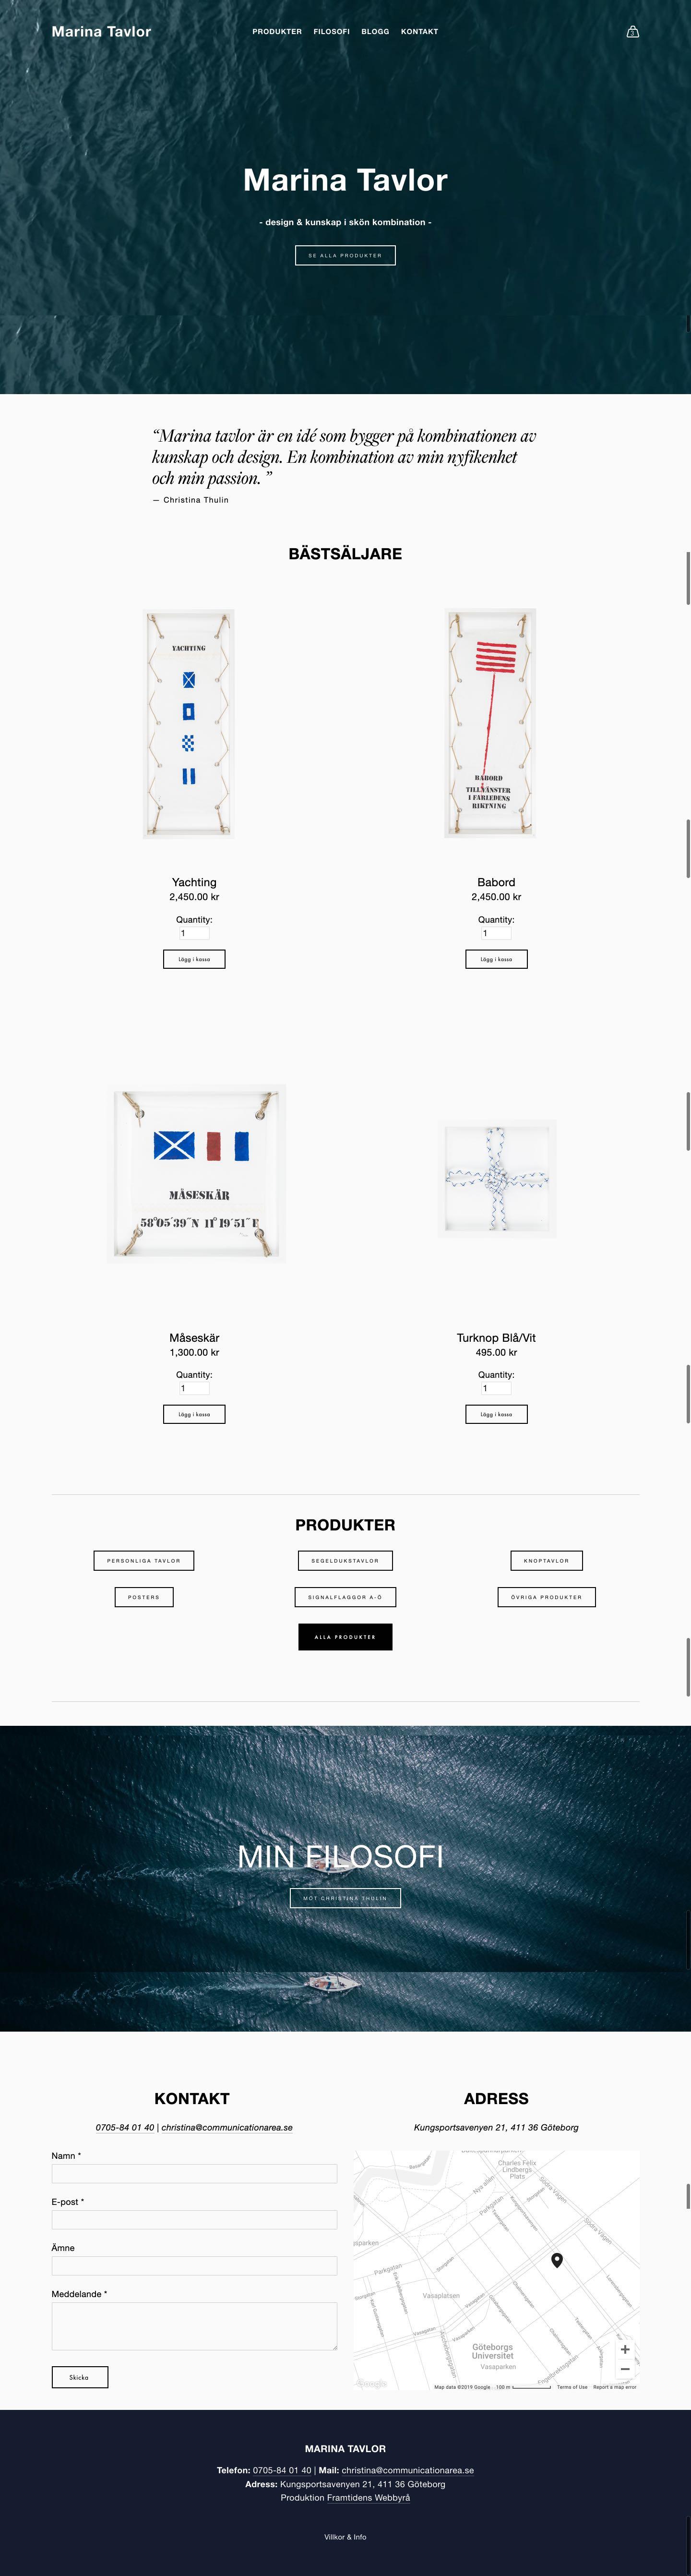 framtidens-webbyrå-uppdrag-marina-tavlor-1.jpg